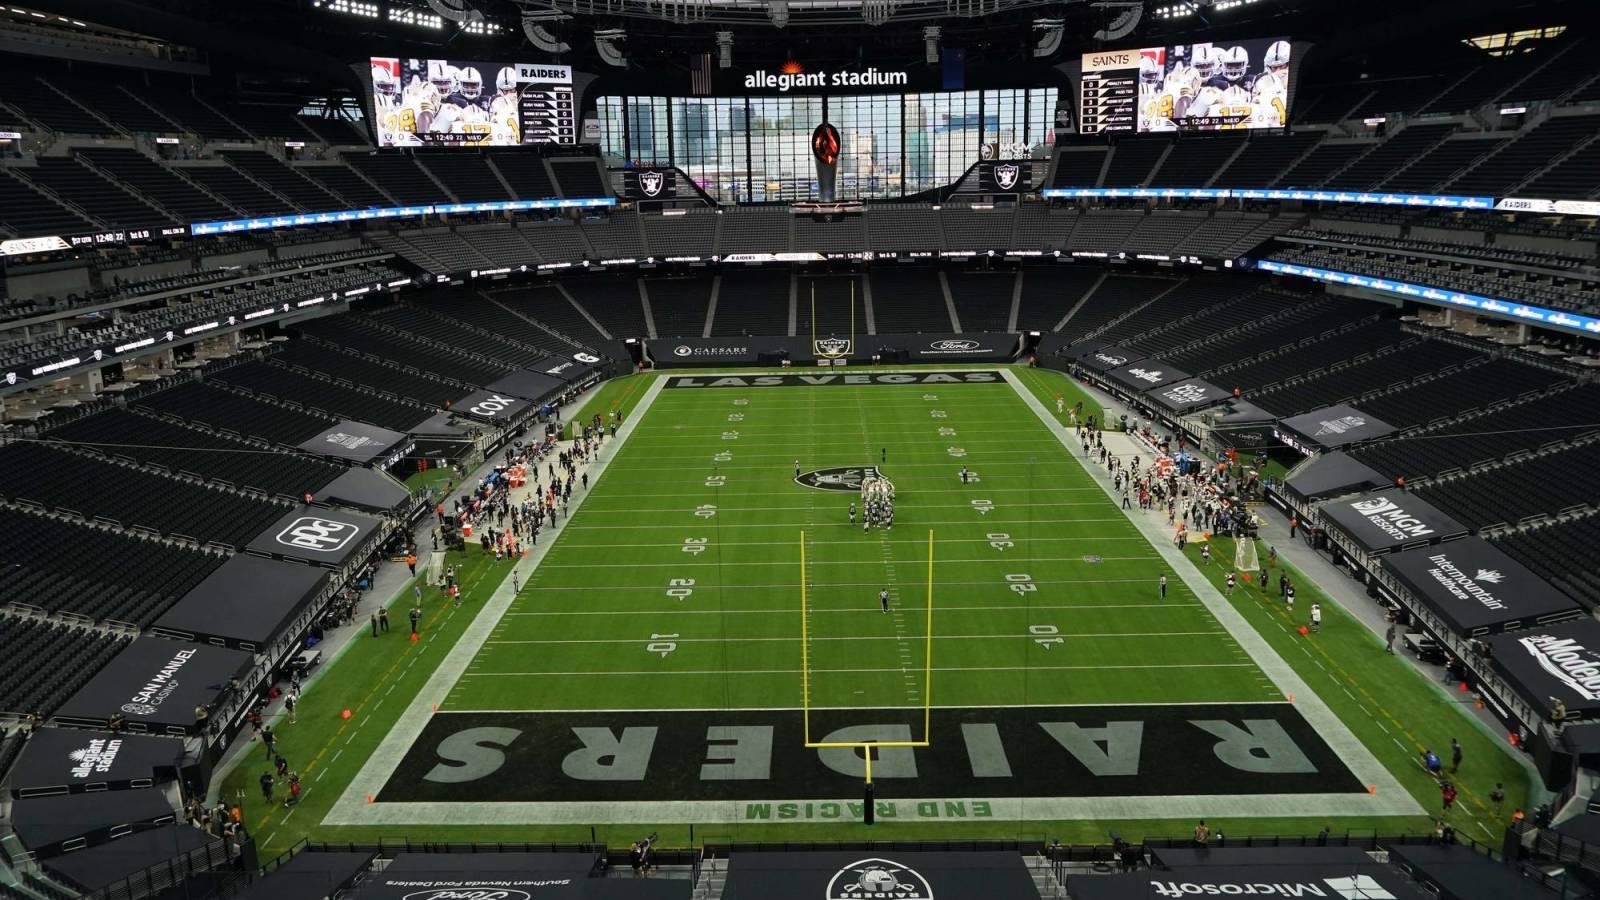 Raiders home opener draws historic ratings in Las Vegas